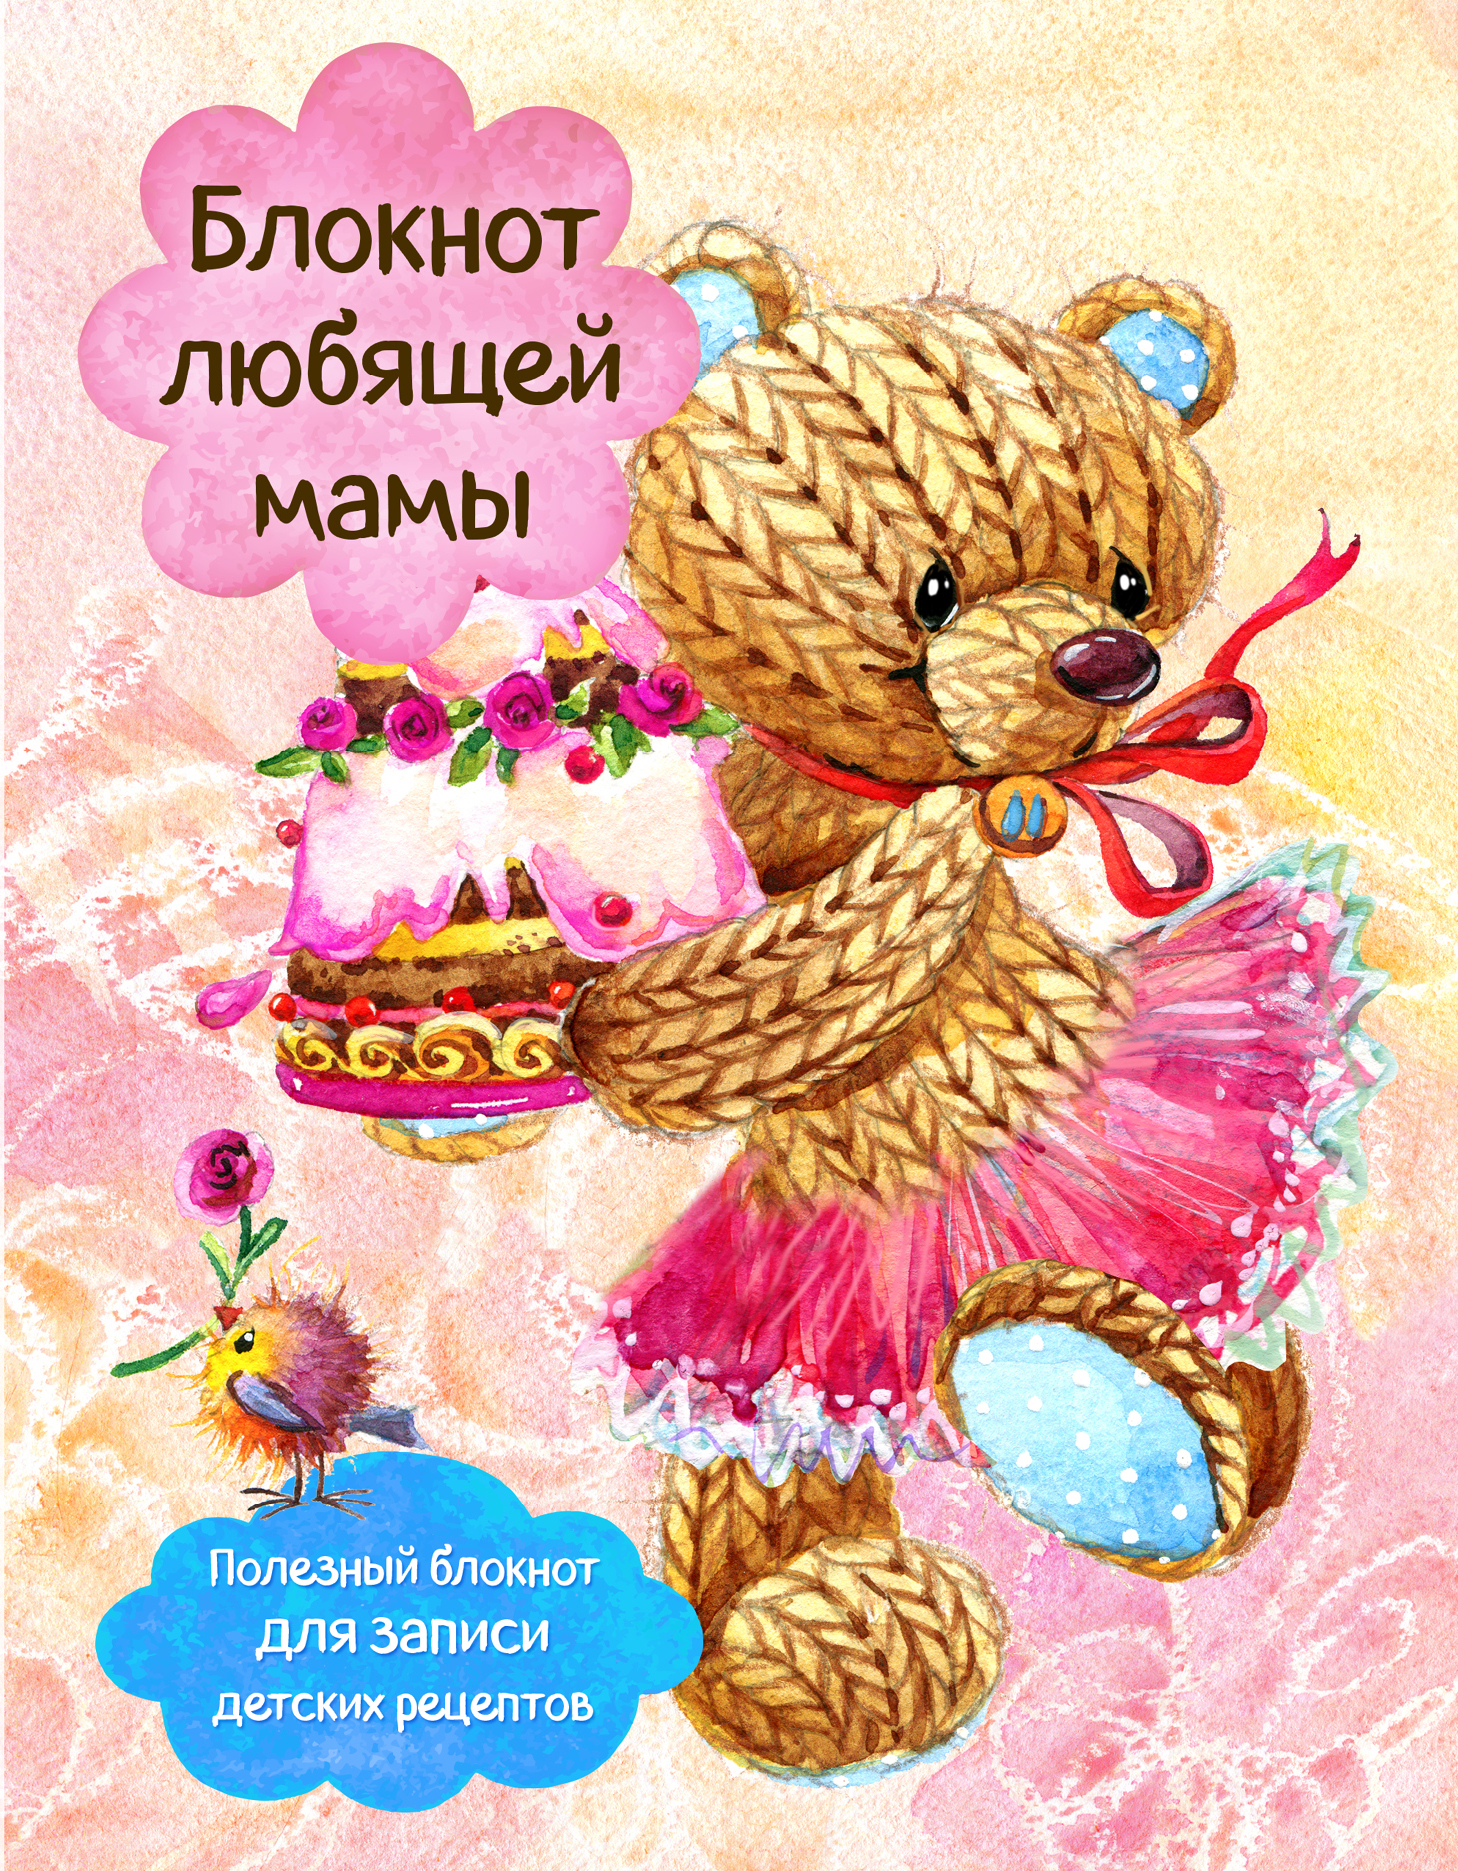 Блокнот любящей мамы. Полезные блокноты для записи детских рецептов (Торт и розы)